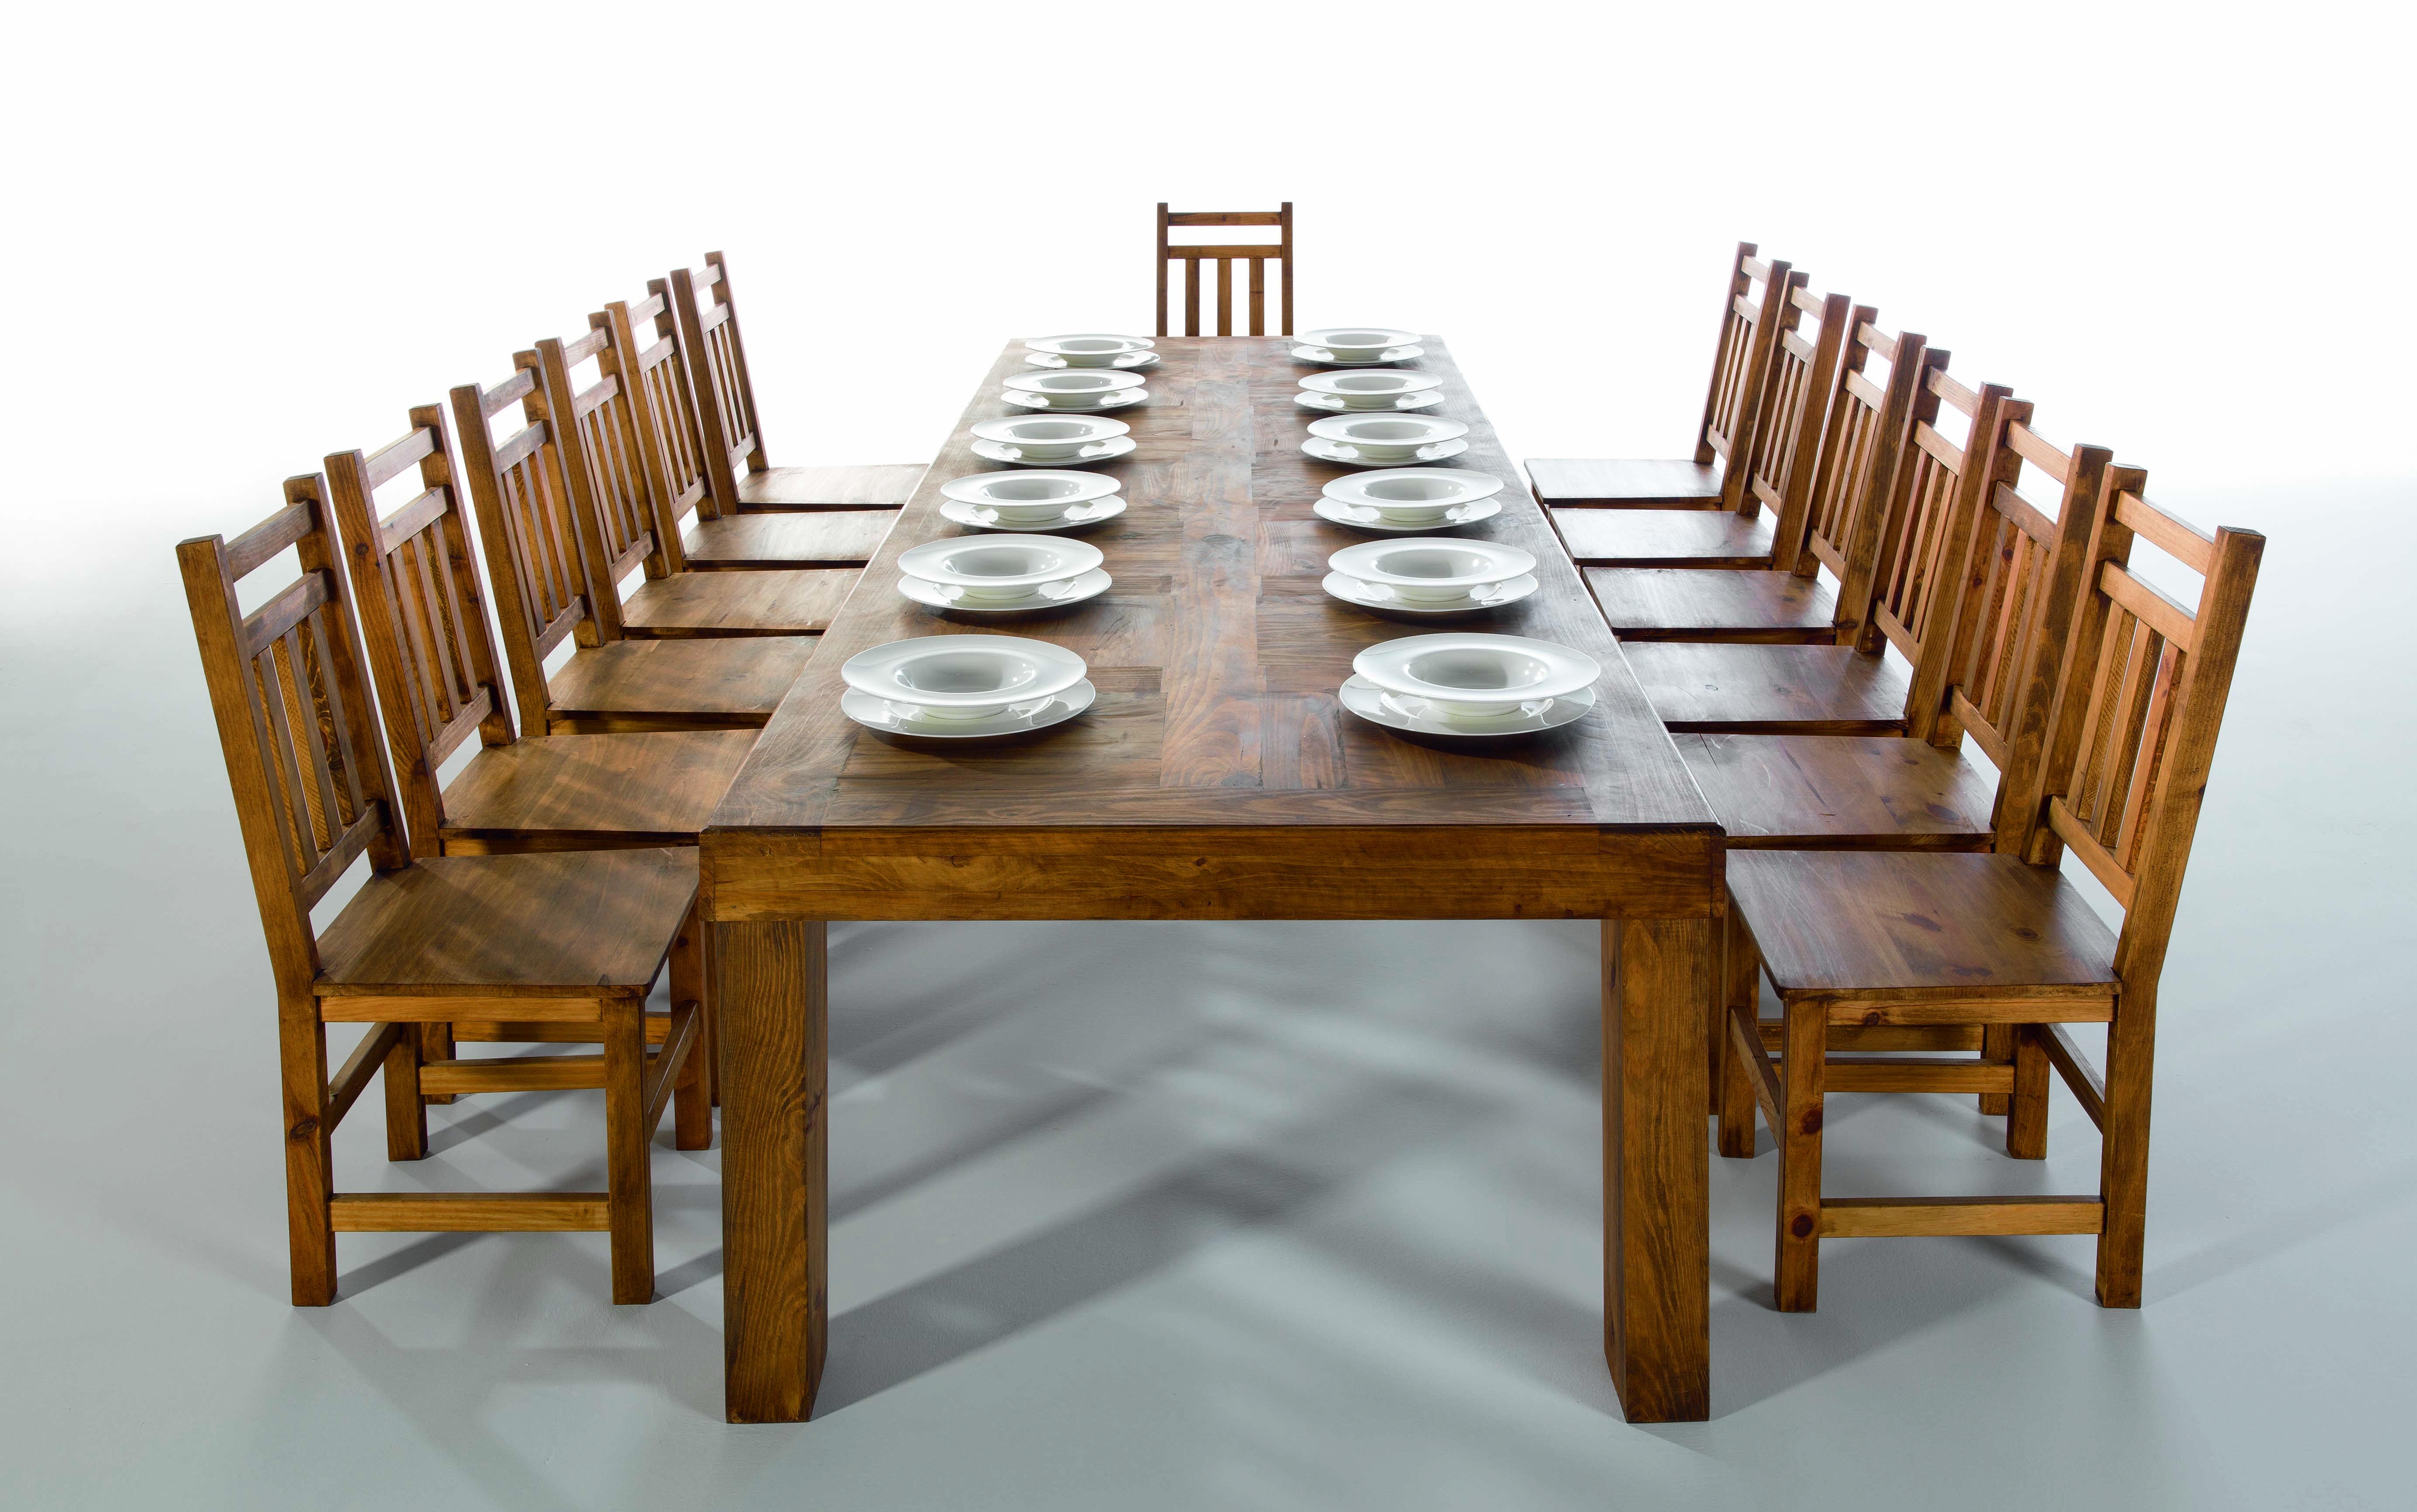 Fábrica de mesas de comedor y salón rústicas - MYOC. Fábrica de ...